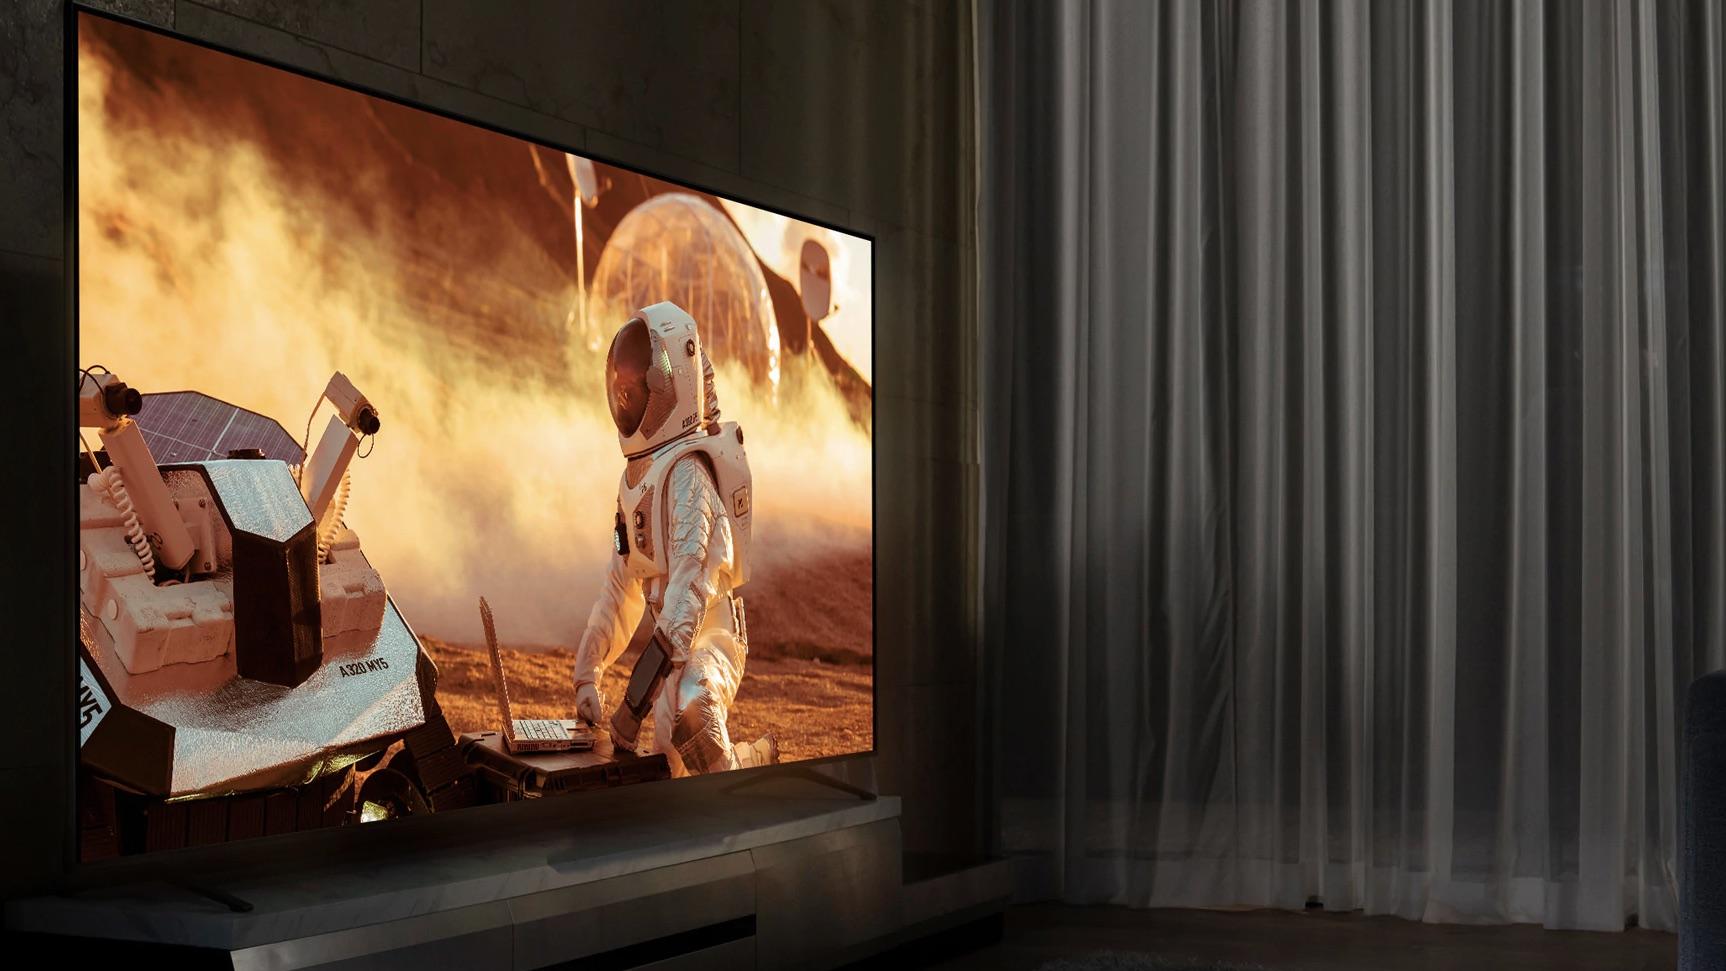 TV Nanocell LG 2020 exibindo filme em uma sala